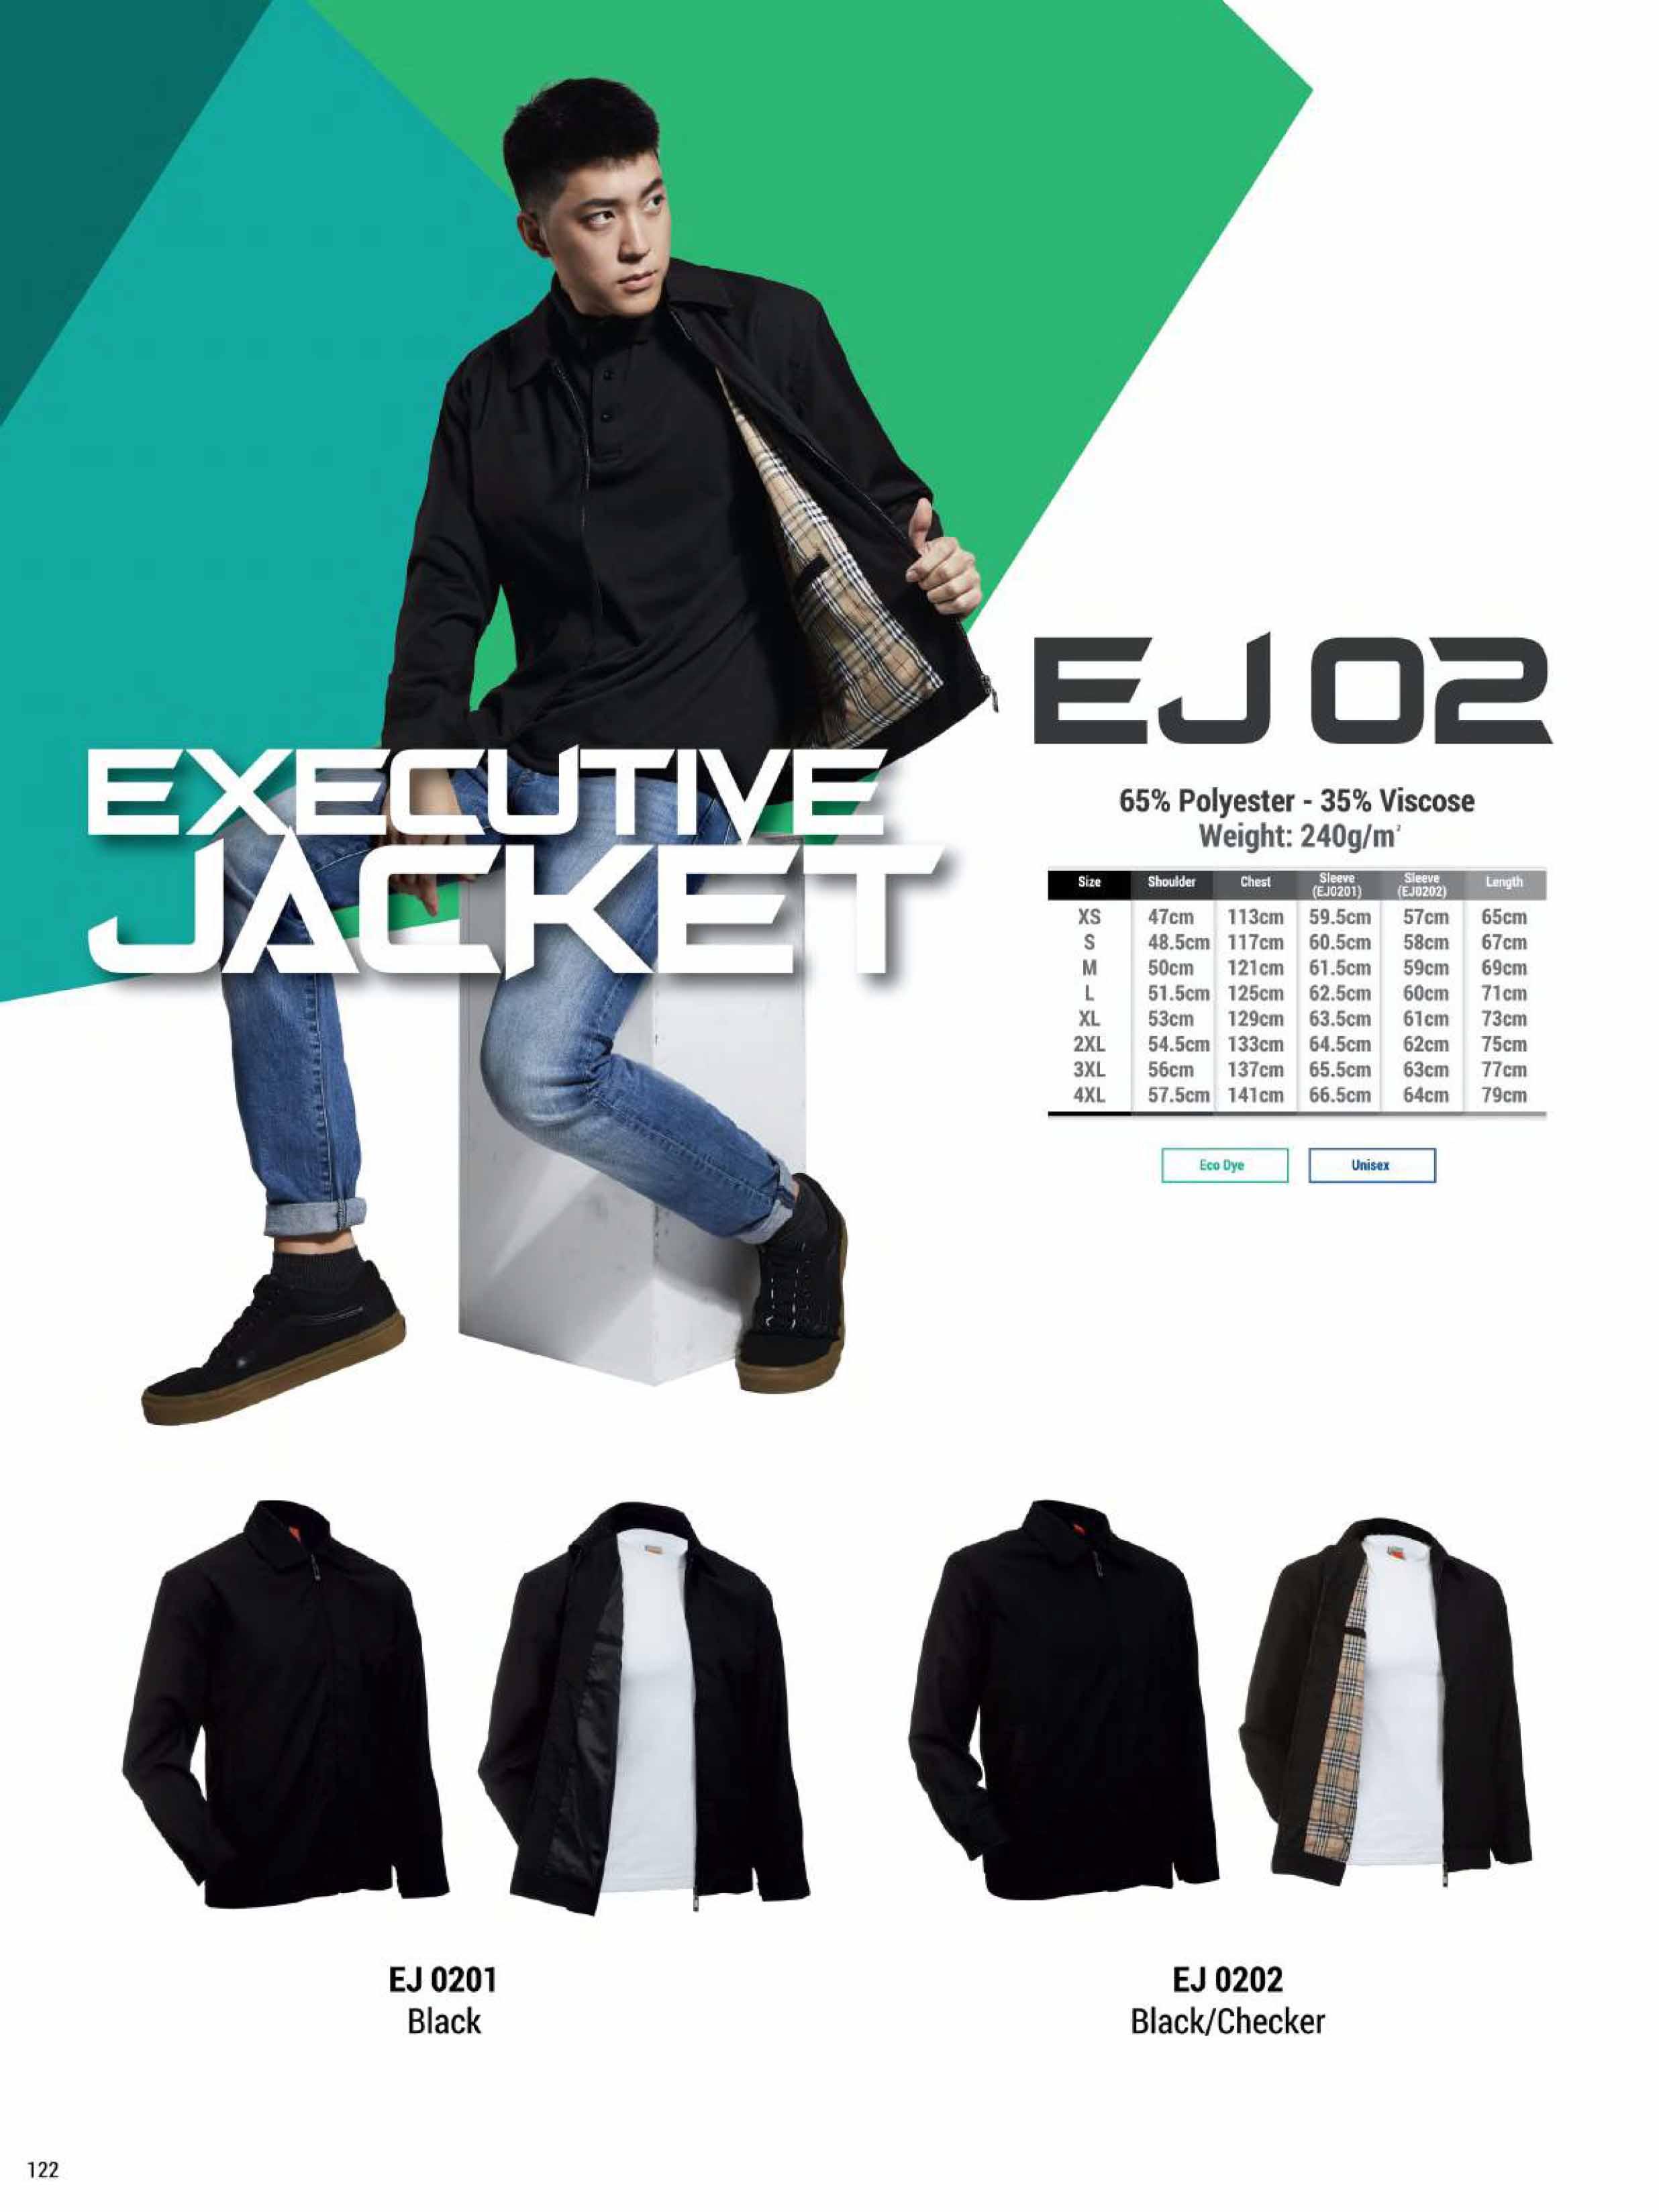 EJ02 EXECUTIVE JACKET